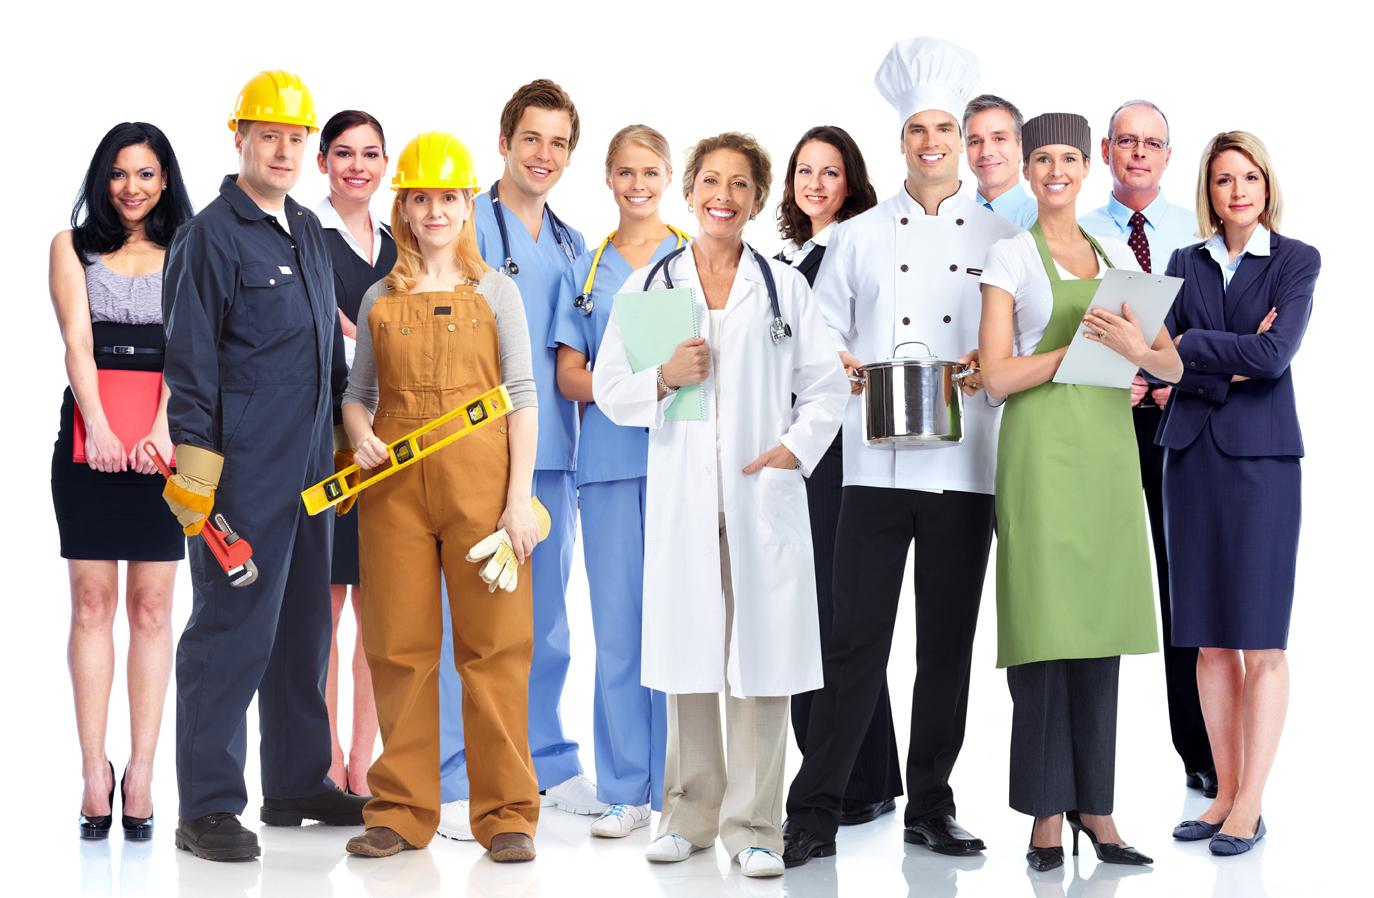 Consultazione pubblica UE in materia di salute e sicurezza sul lavoro (2021-2027)